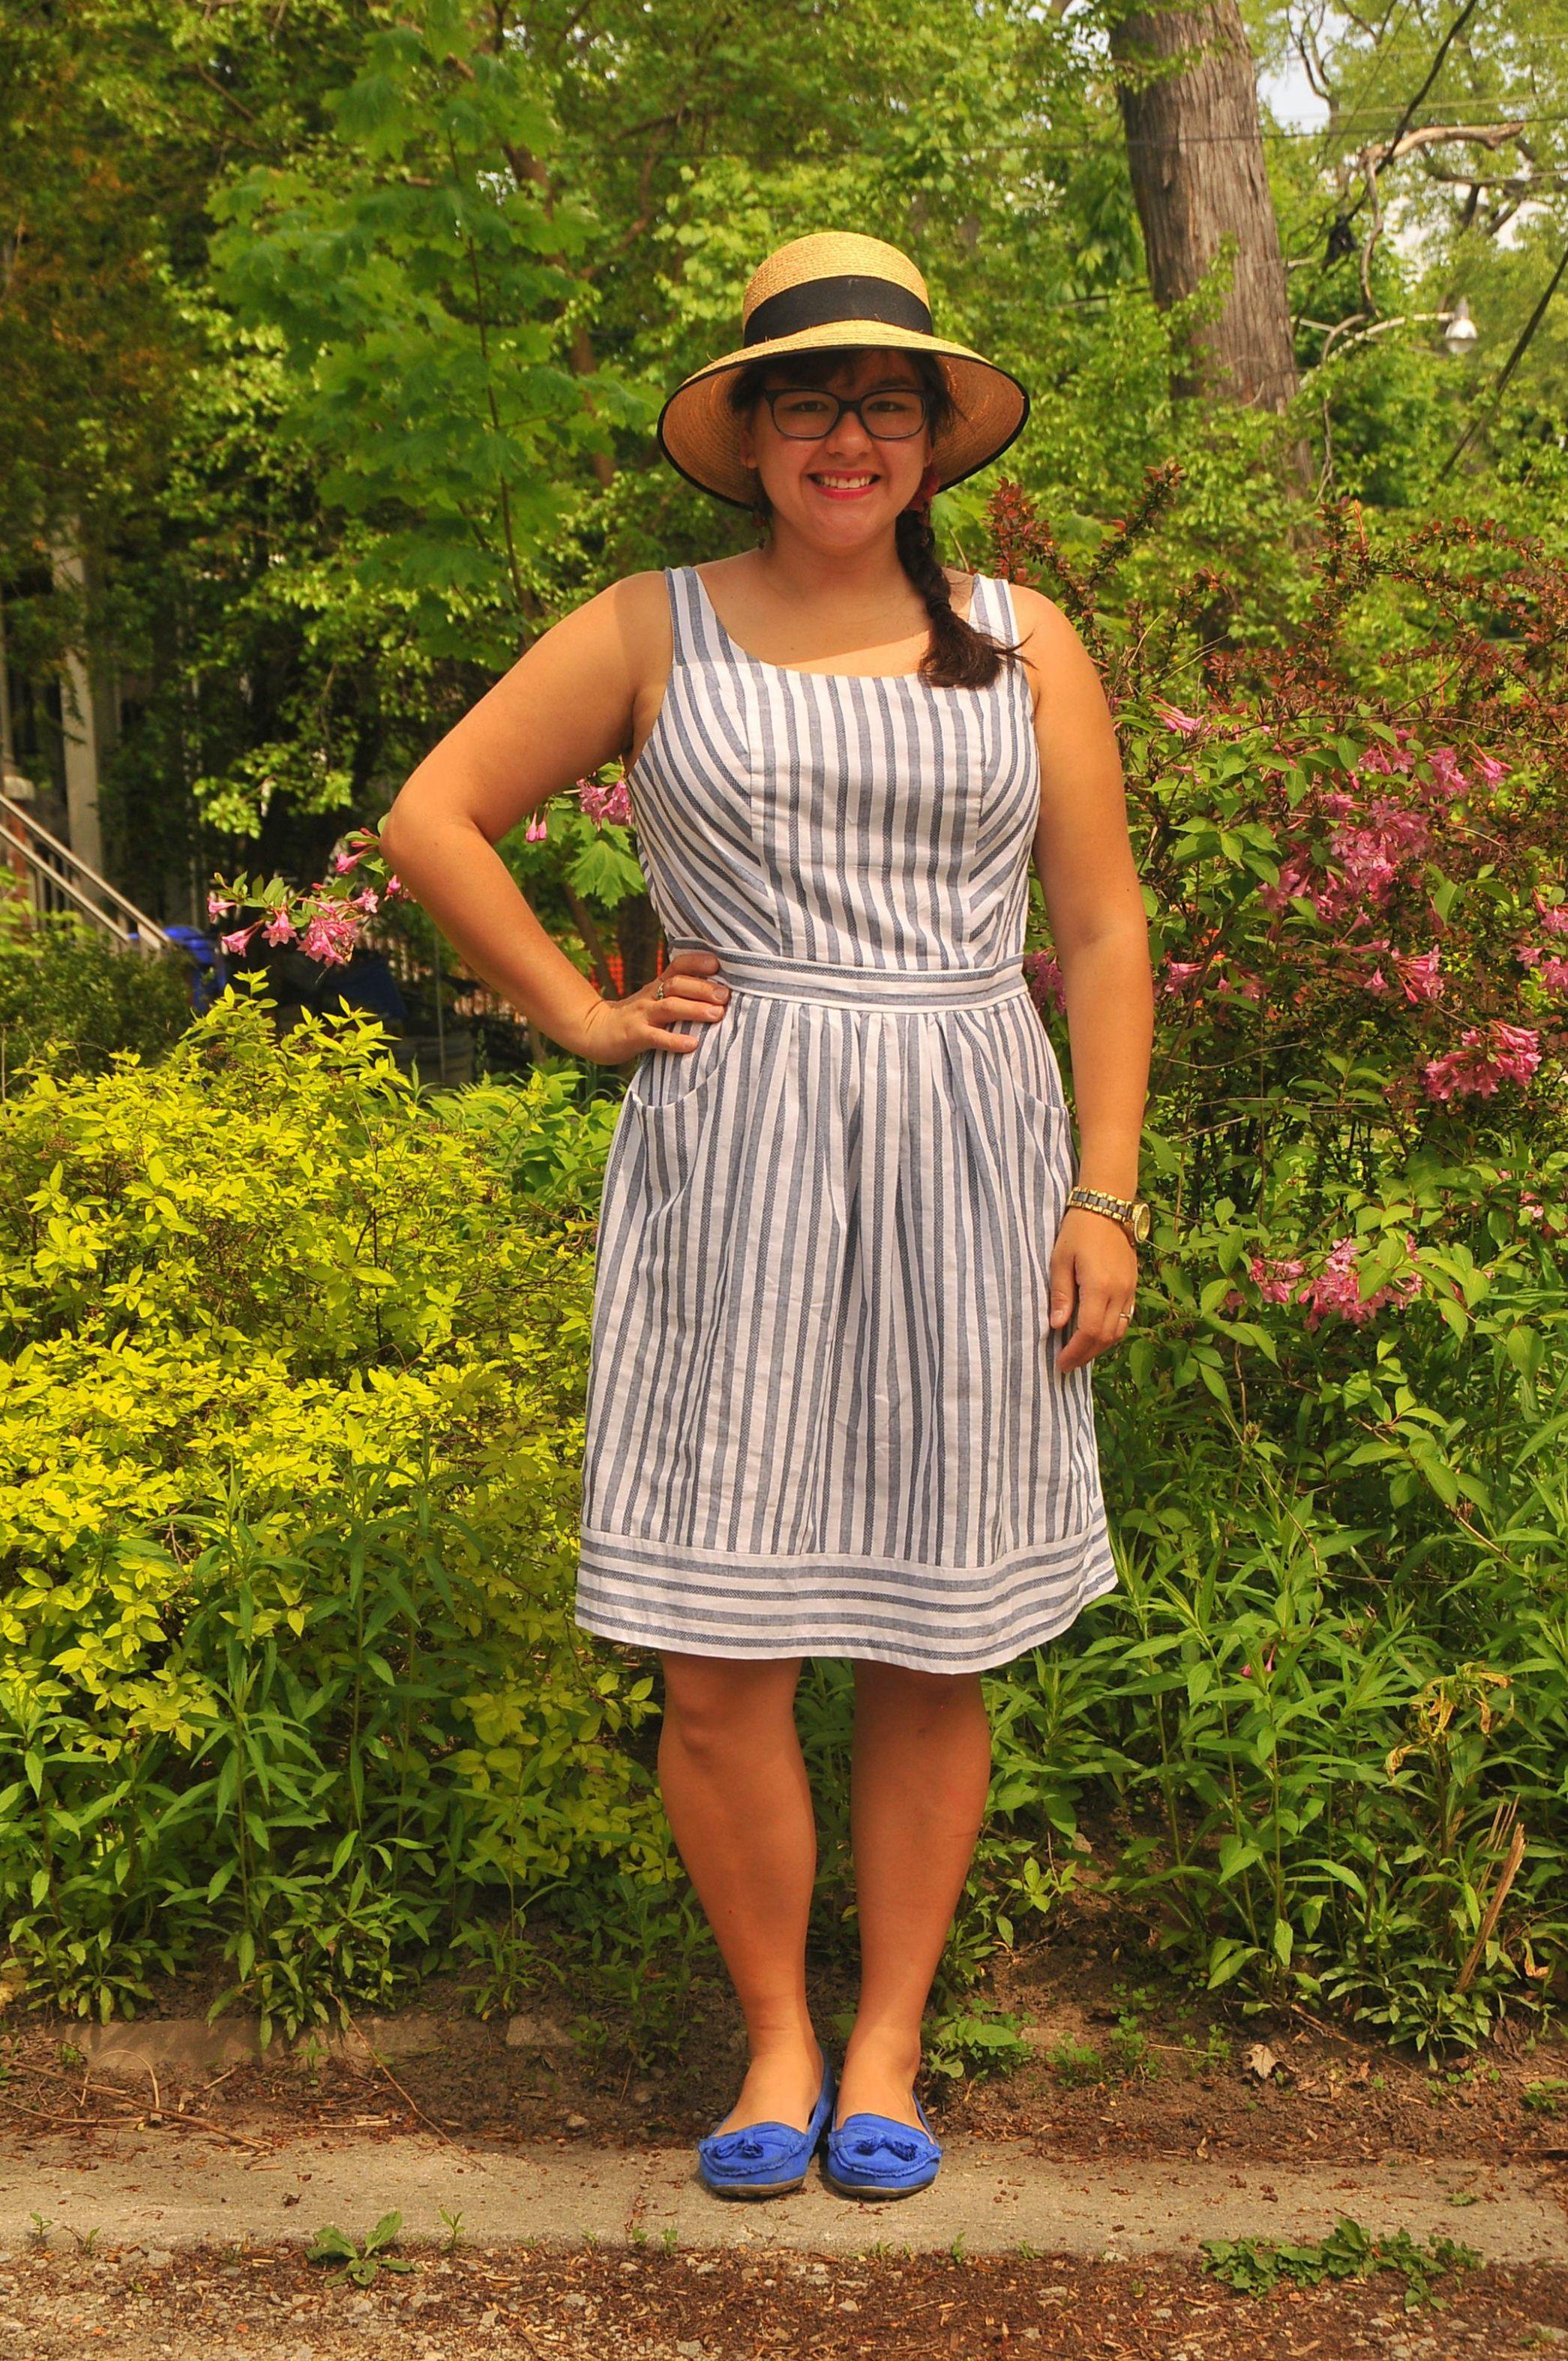 Diy Peppermint Gathered Summer Sundress And Free Pattern Kiku Corner Sundress Pattern Sundress Summer Sundress [ 3148 x 2091 Pixel ]